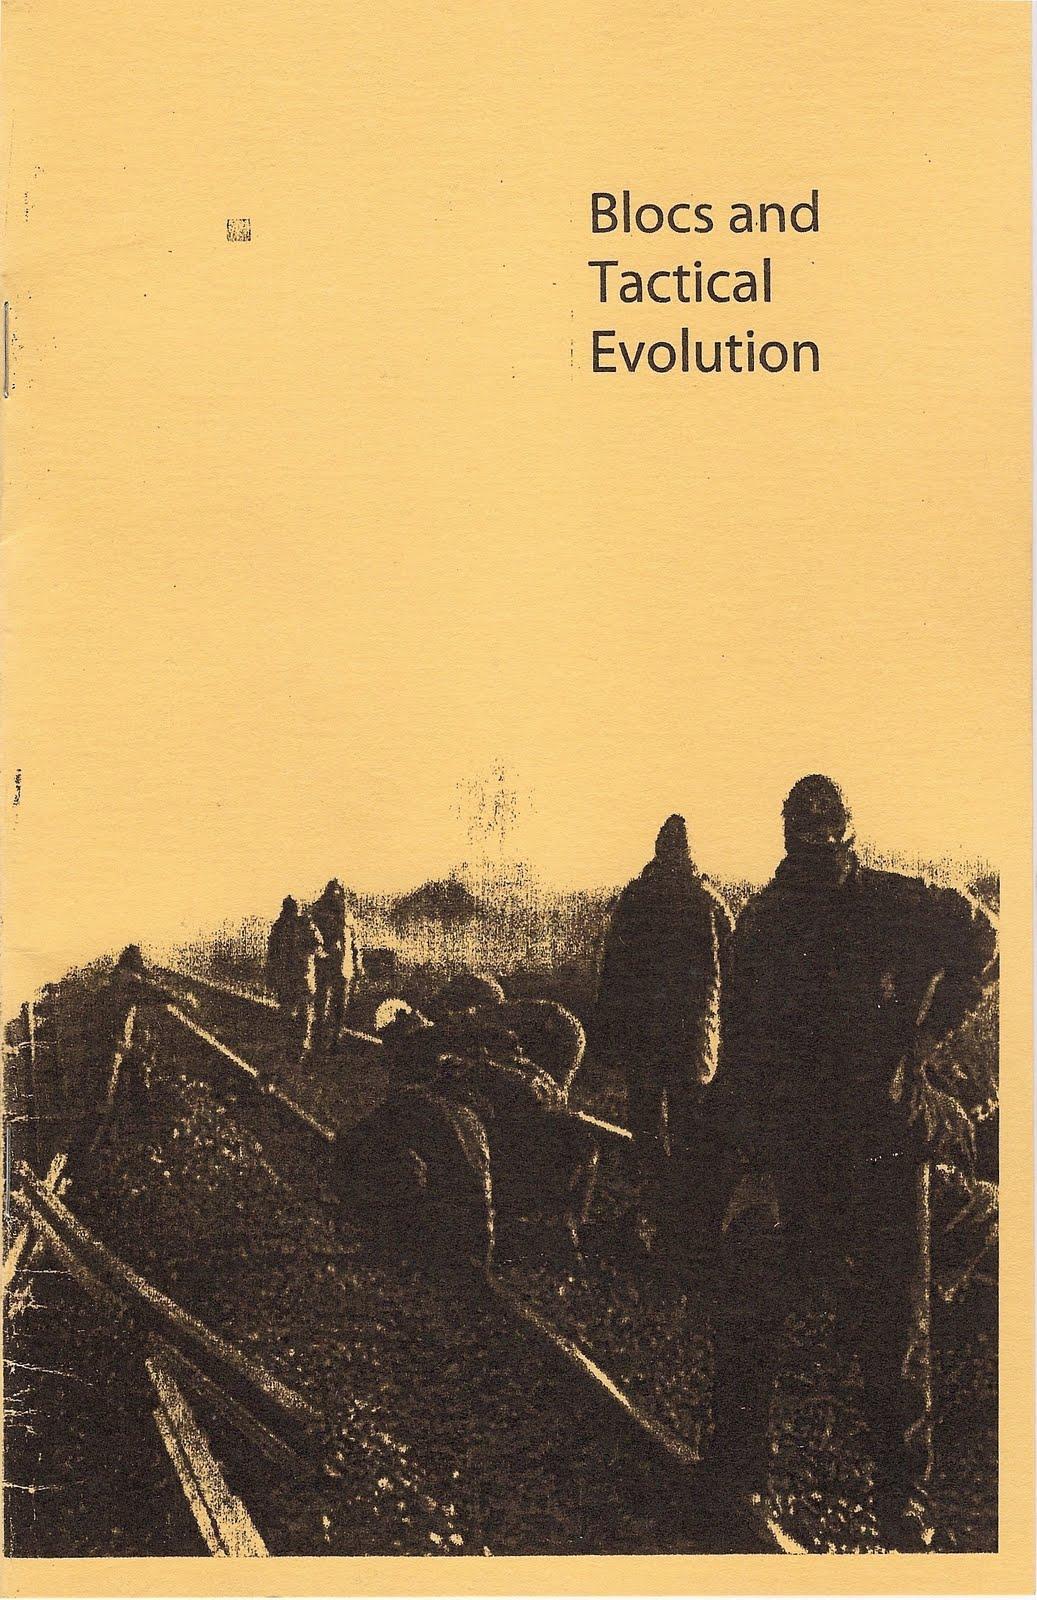 Blocs and Tactical Evolution, Crimethinc.